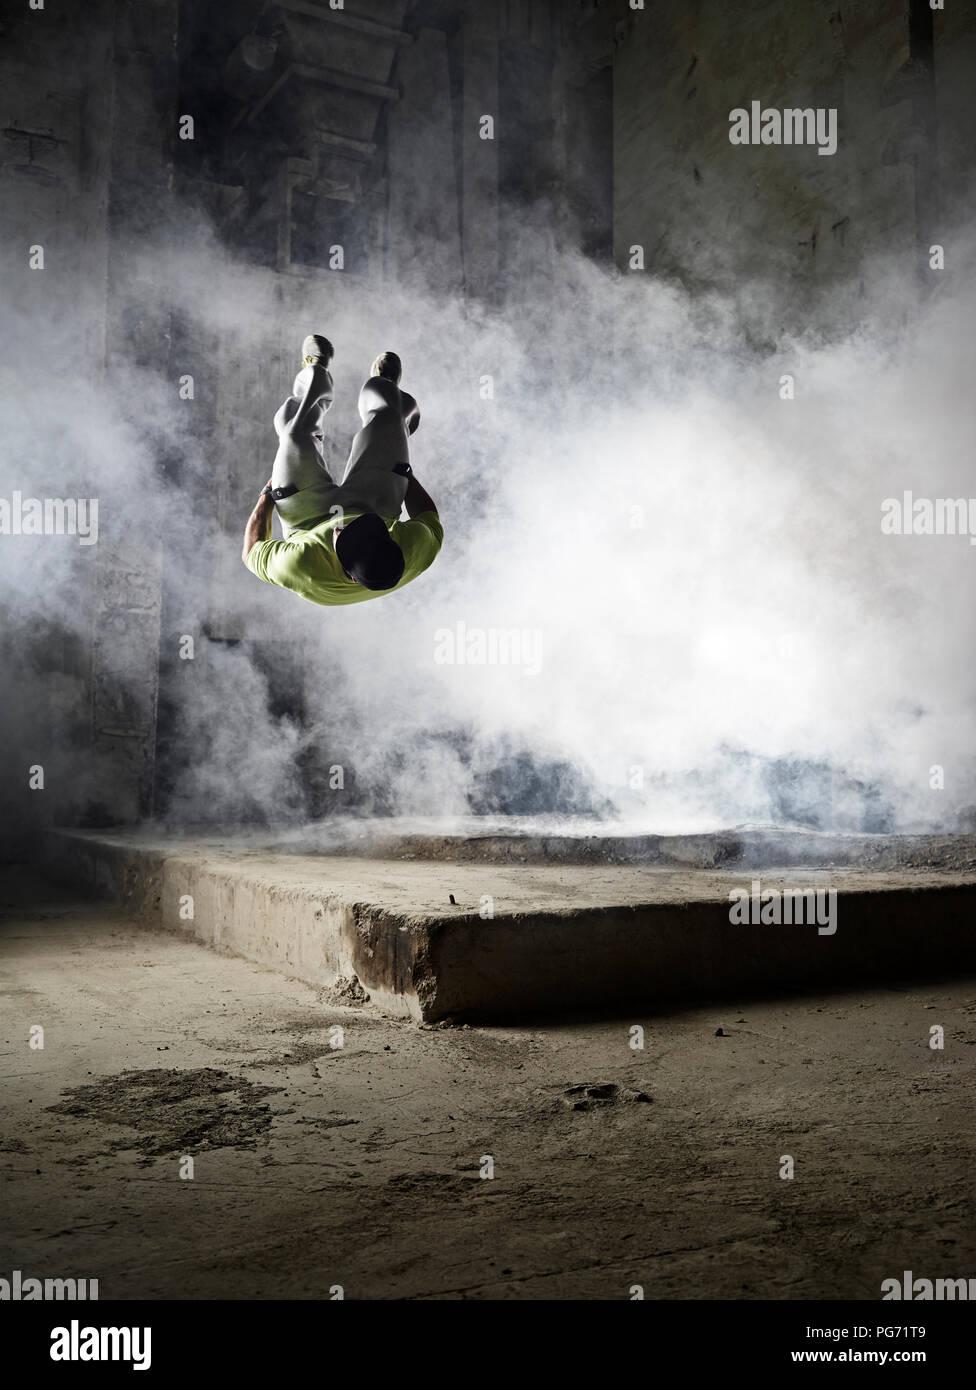 Uomo di saltare in una nube di polvere durante l'esercizio freerunning Foto Stock